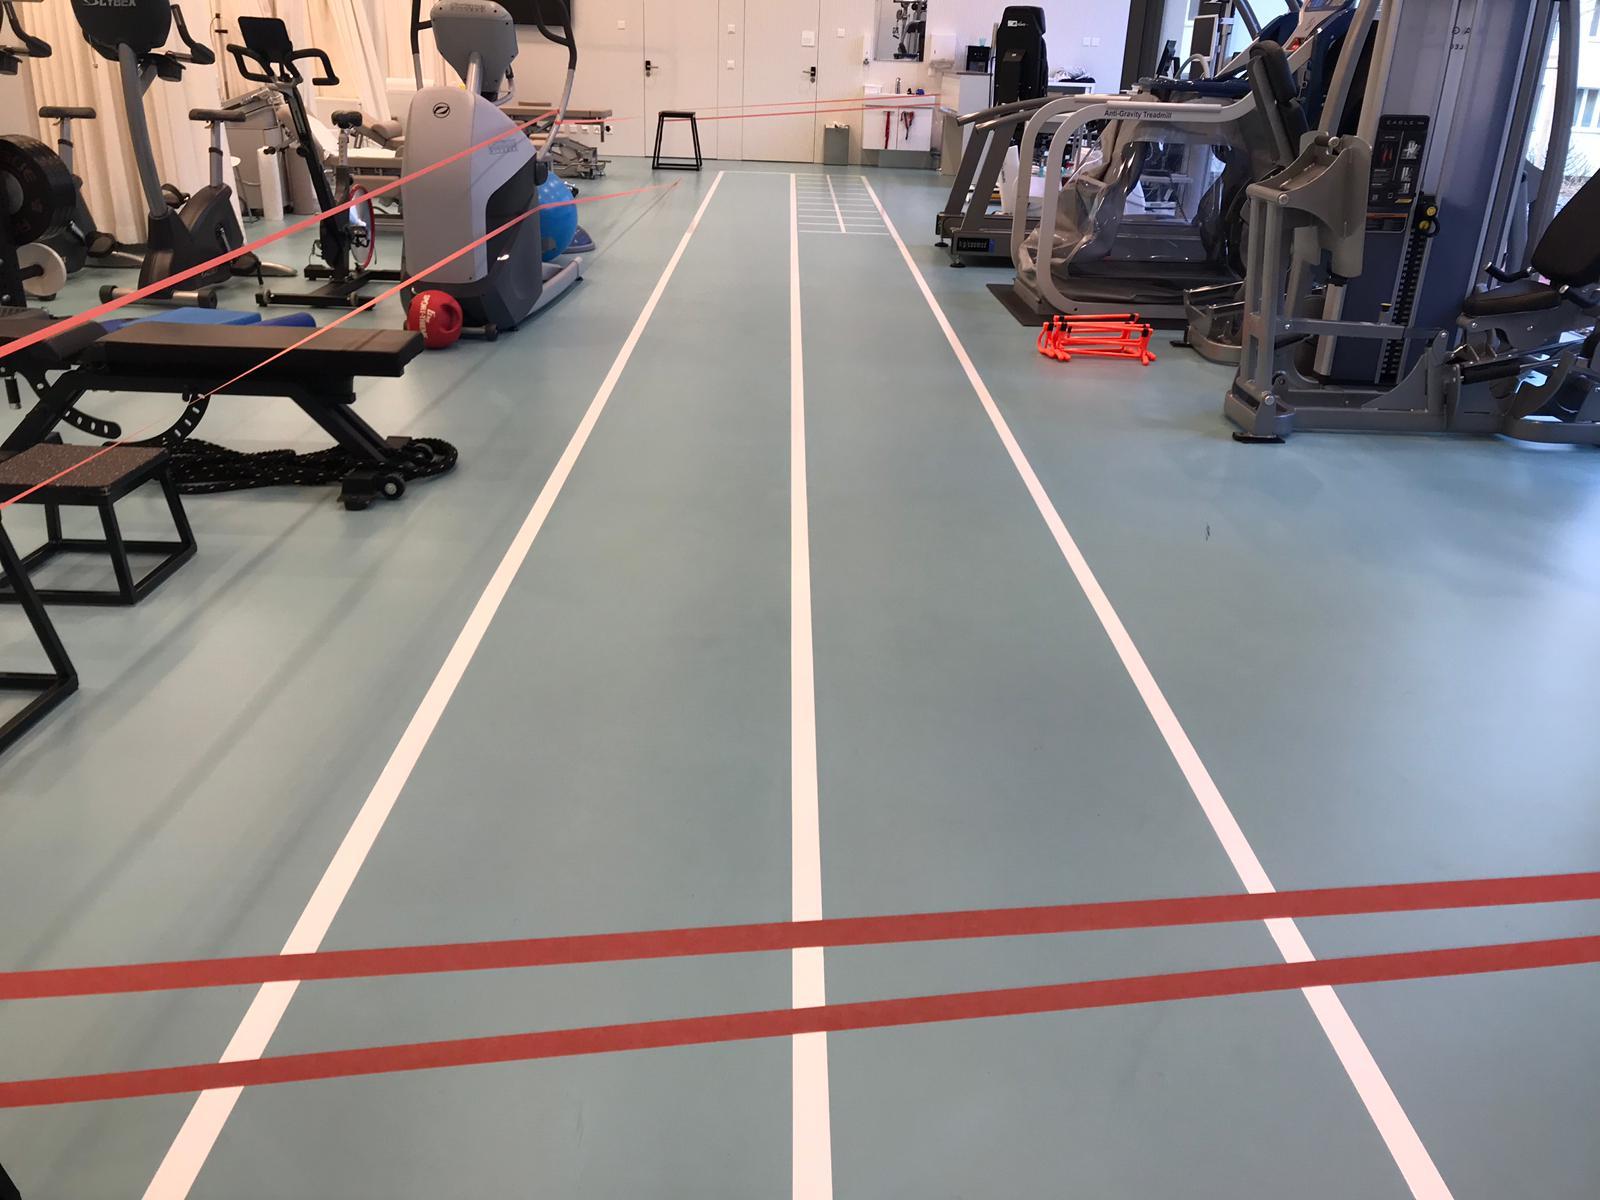 Sol Pour Salle De Sport genève - centre de médecine du sport | realsport